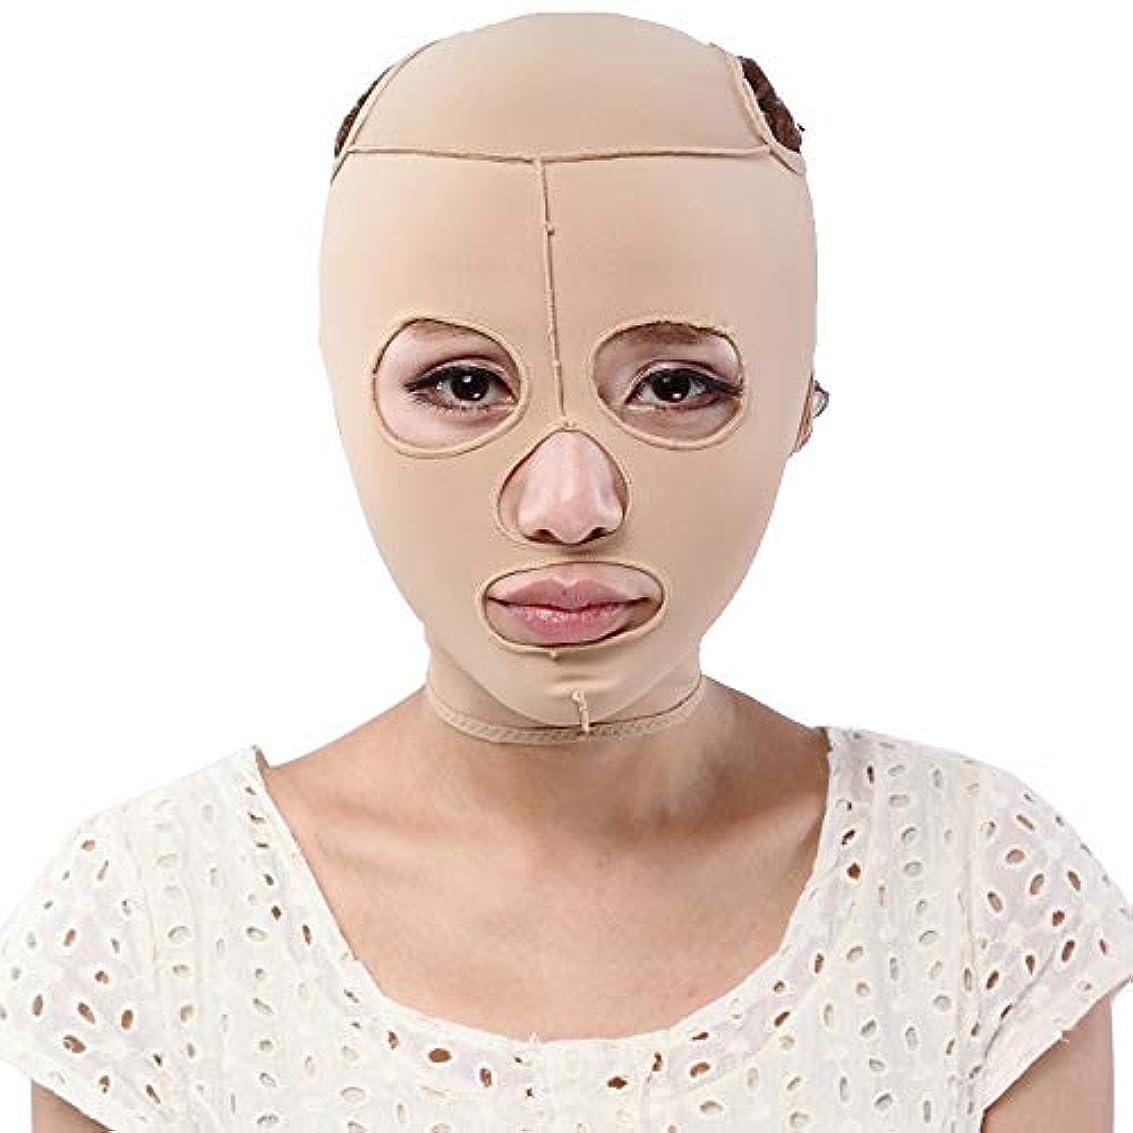 欠伸冷酷な浸漬薄い顔ベルト、通気性睡眠包帯フェイシャルマッサージフェイスリフト二重あごリデューサーフェイシャル?シェーピングオールインクルーシブ包帯、4つのサイズ (Size : L)